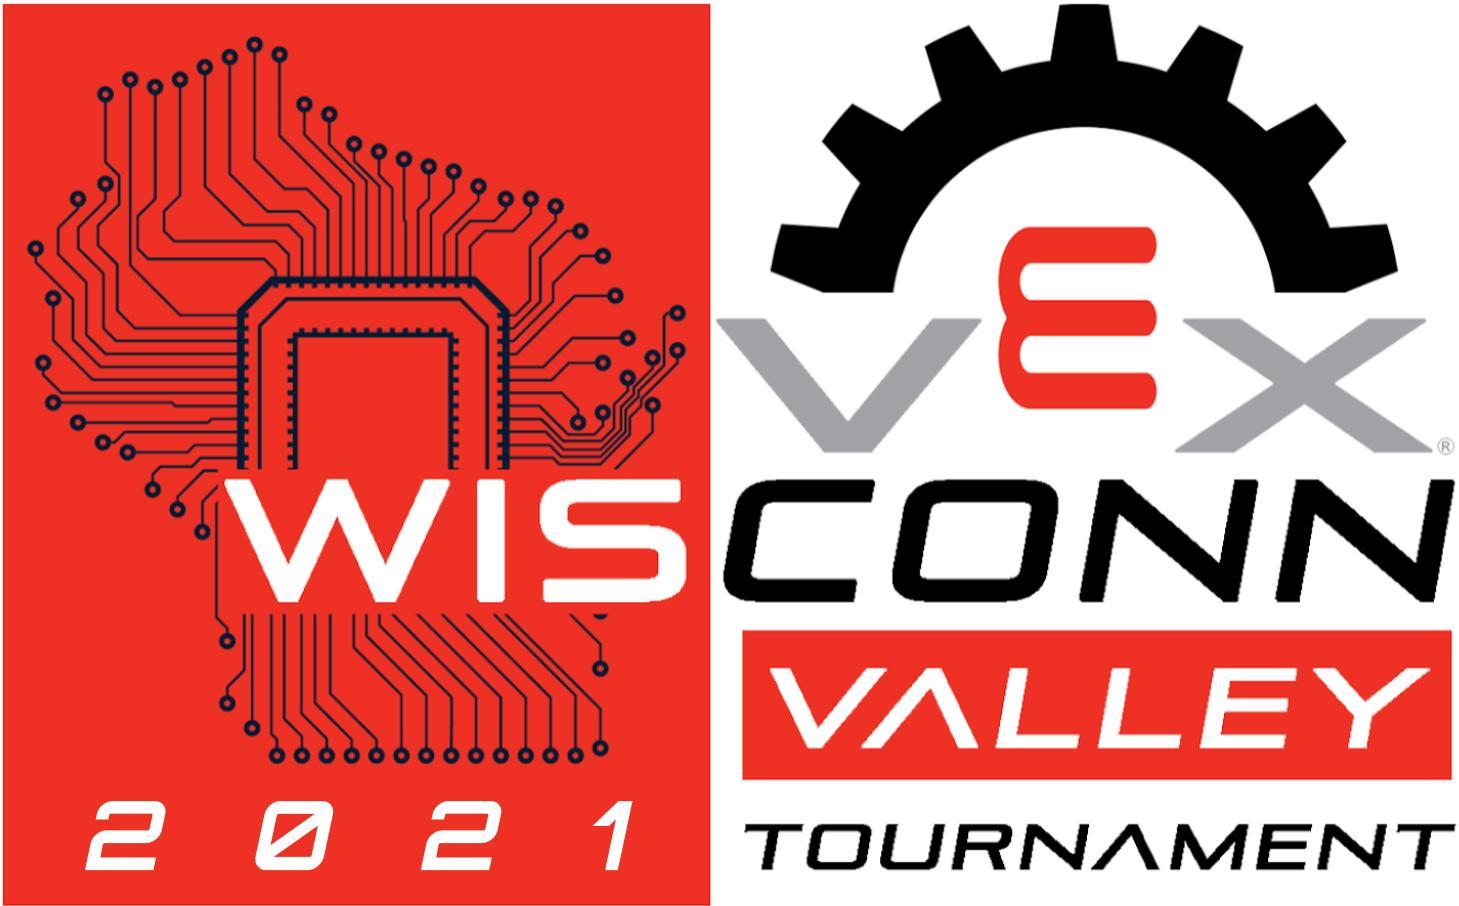 Wisconn Valley VRC Tournament - Change Up